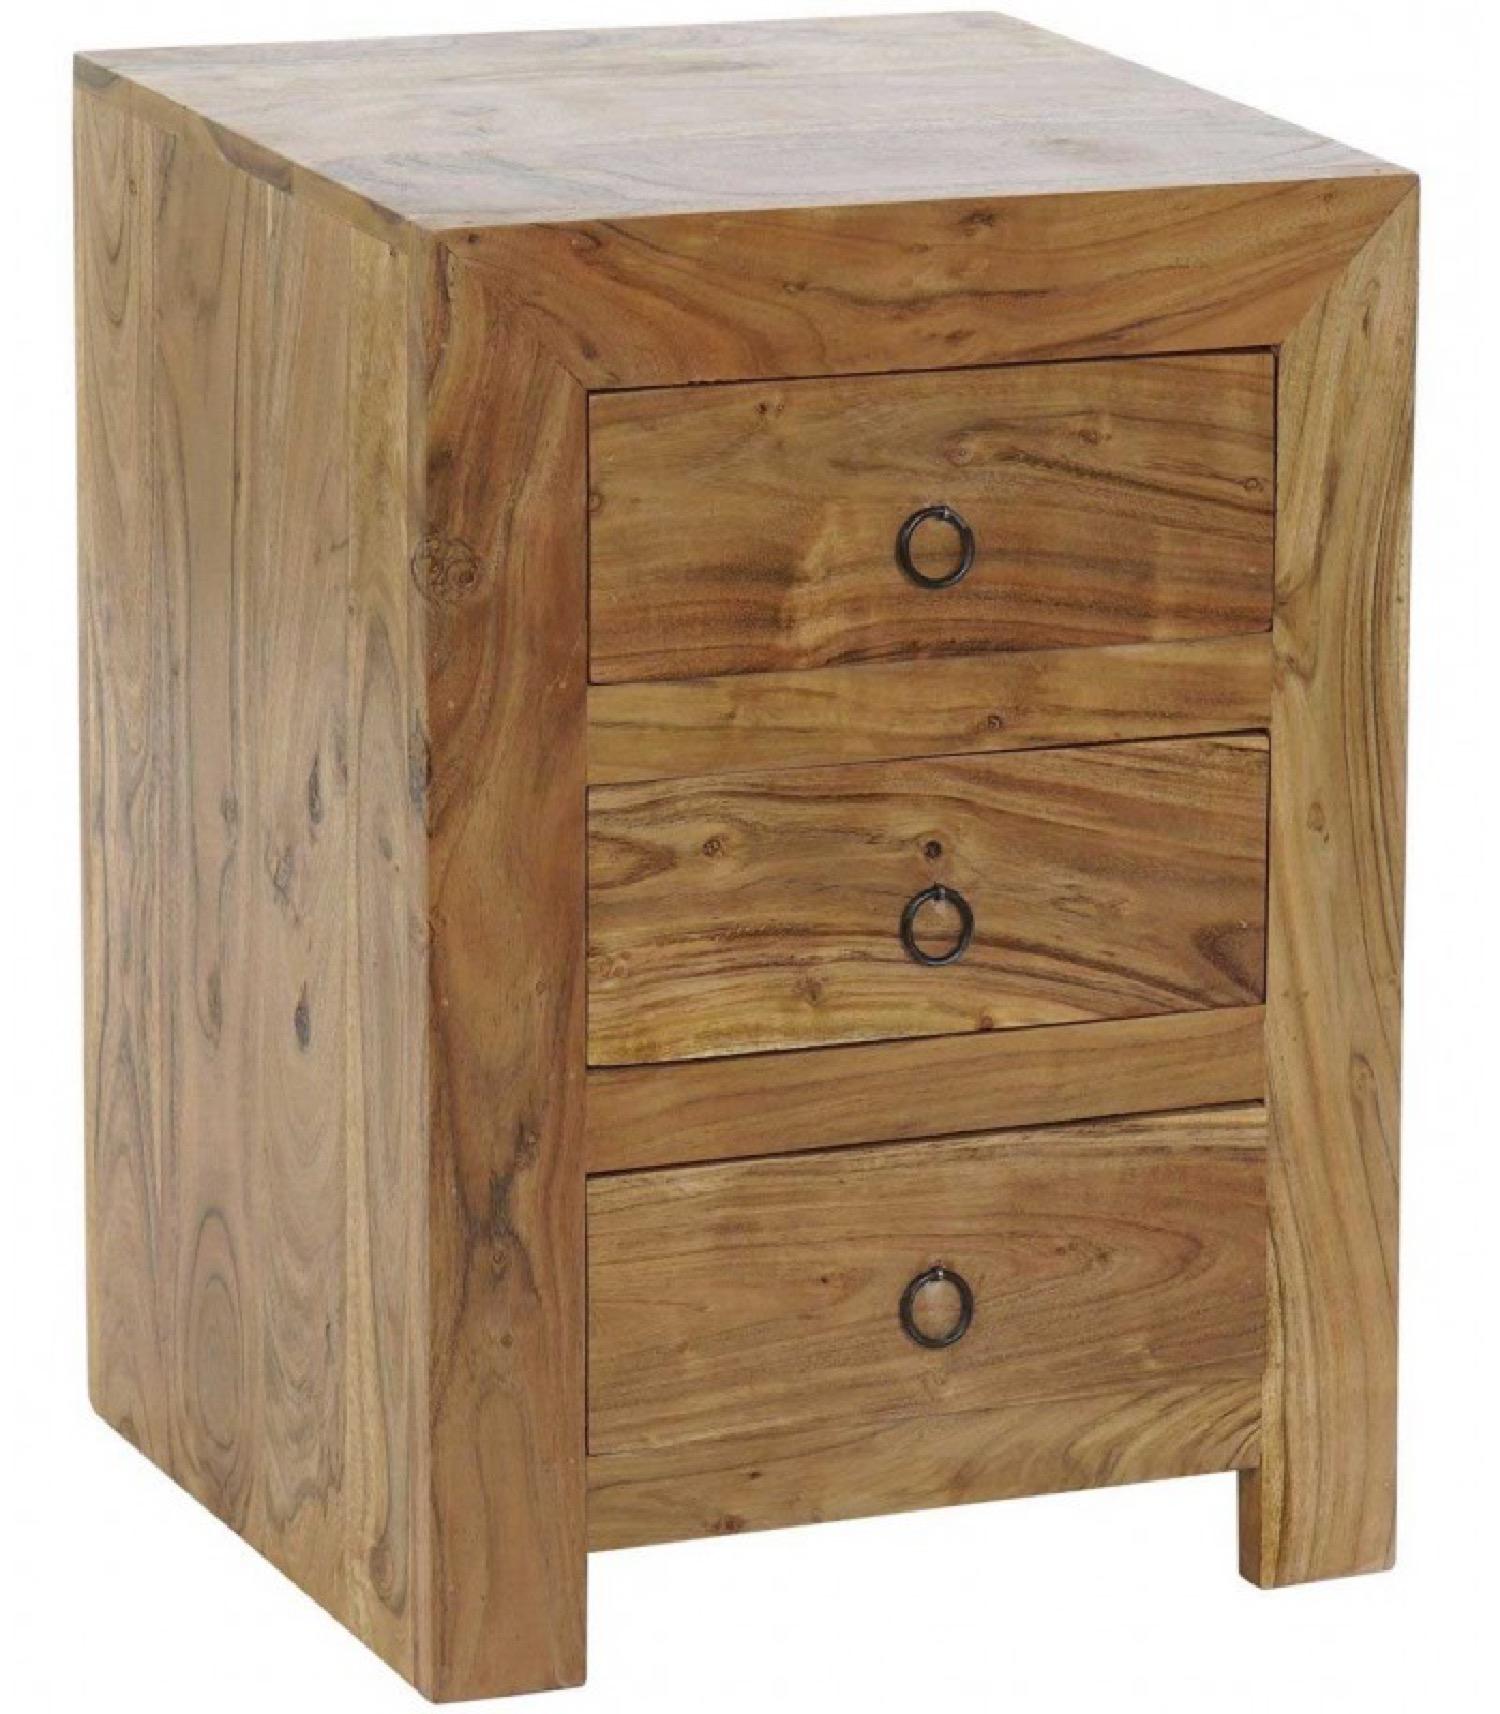 Table de chevet en bois massif d'acacia 3 tiroirs